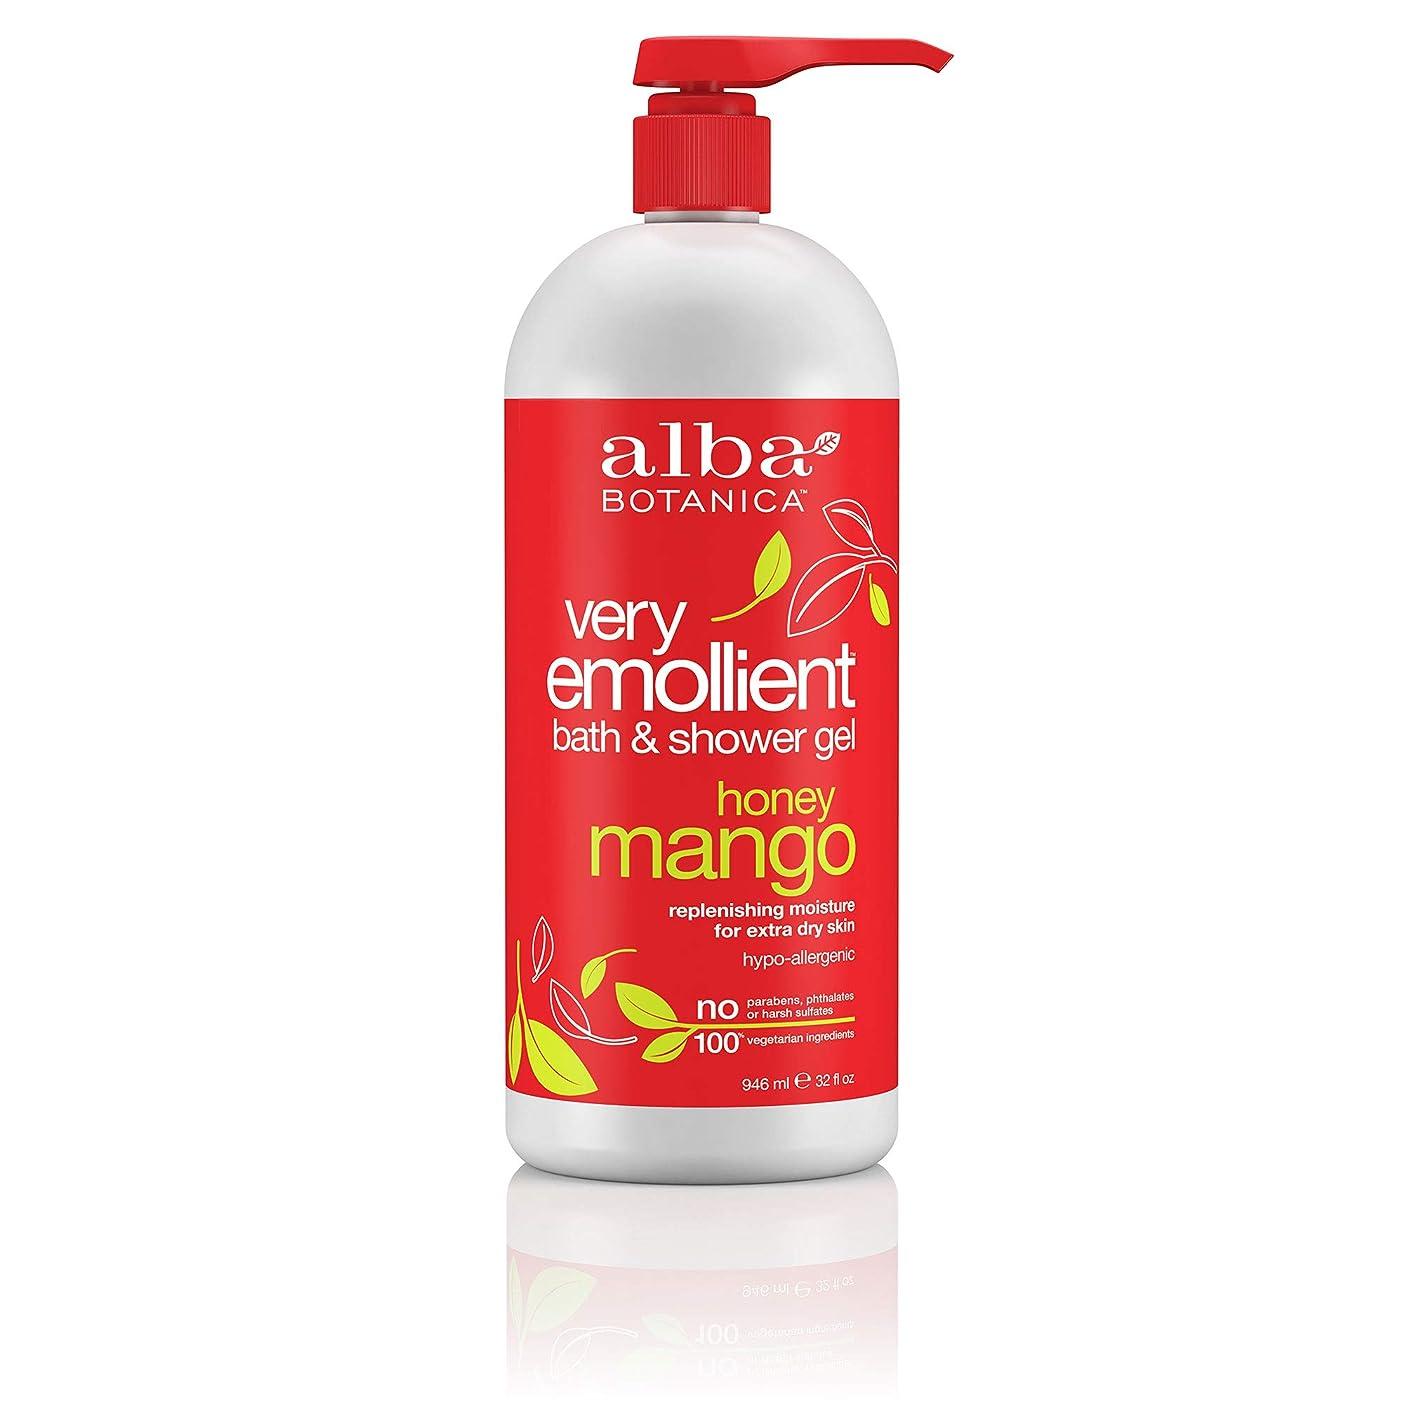 川レンダー抵抗Alba Botanica, Natural Very Emollient Bath & Shower Gel, Honey Mango, 32 fl oz (946 ml)